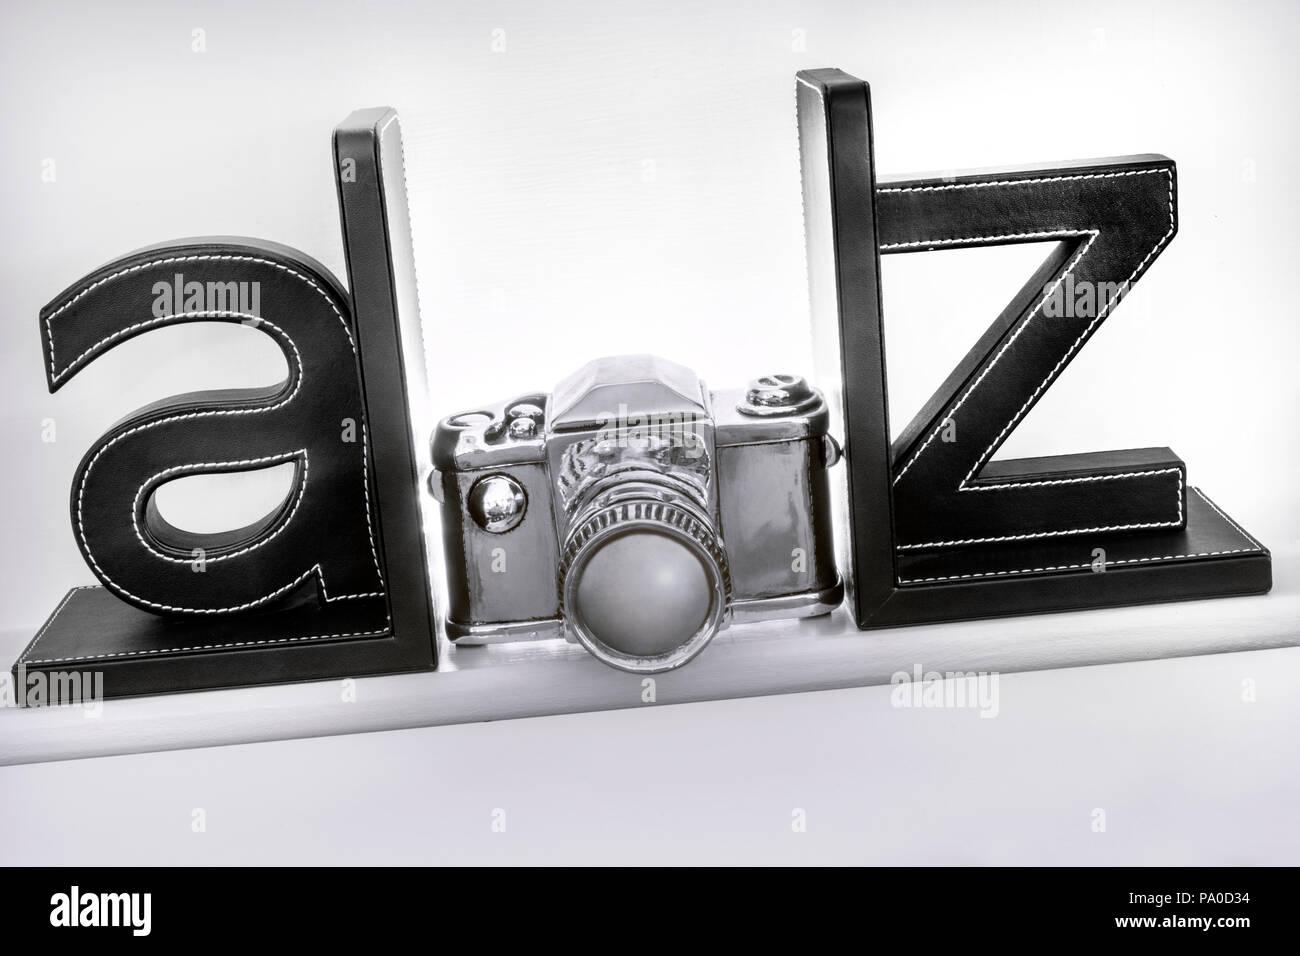 A-Z stilizzata argento generico fotocamera su scaffale come guida per le fotocamere fotografia tecniche fotografiche Film classici caro Immagini Stock